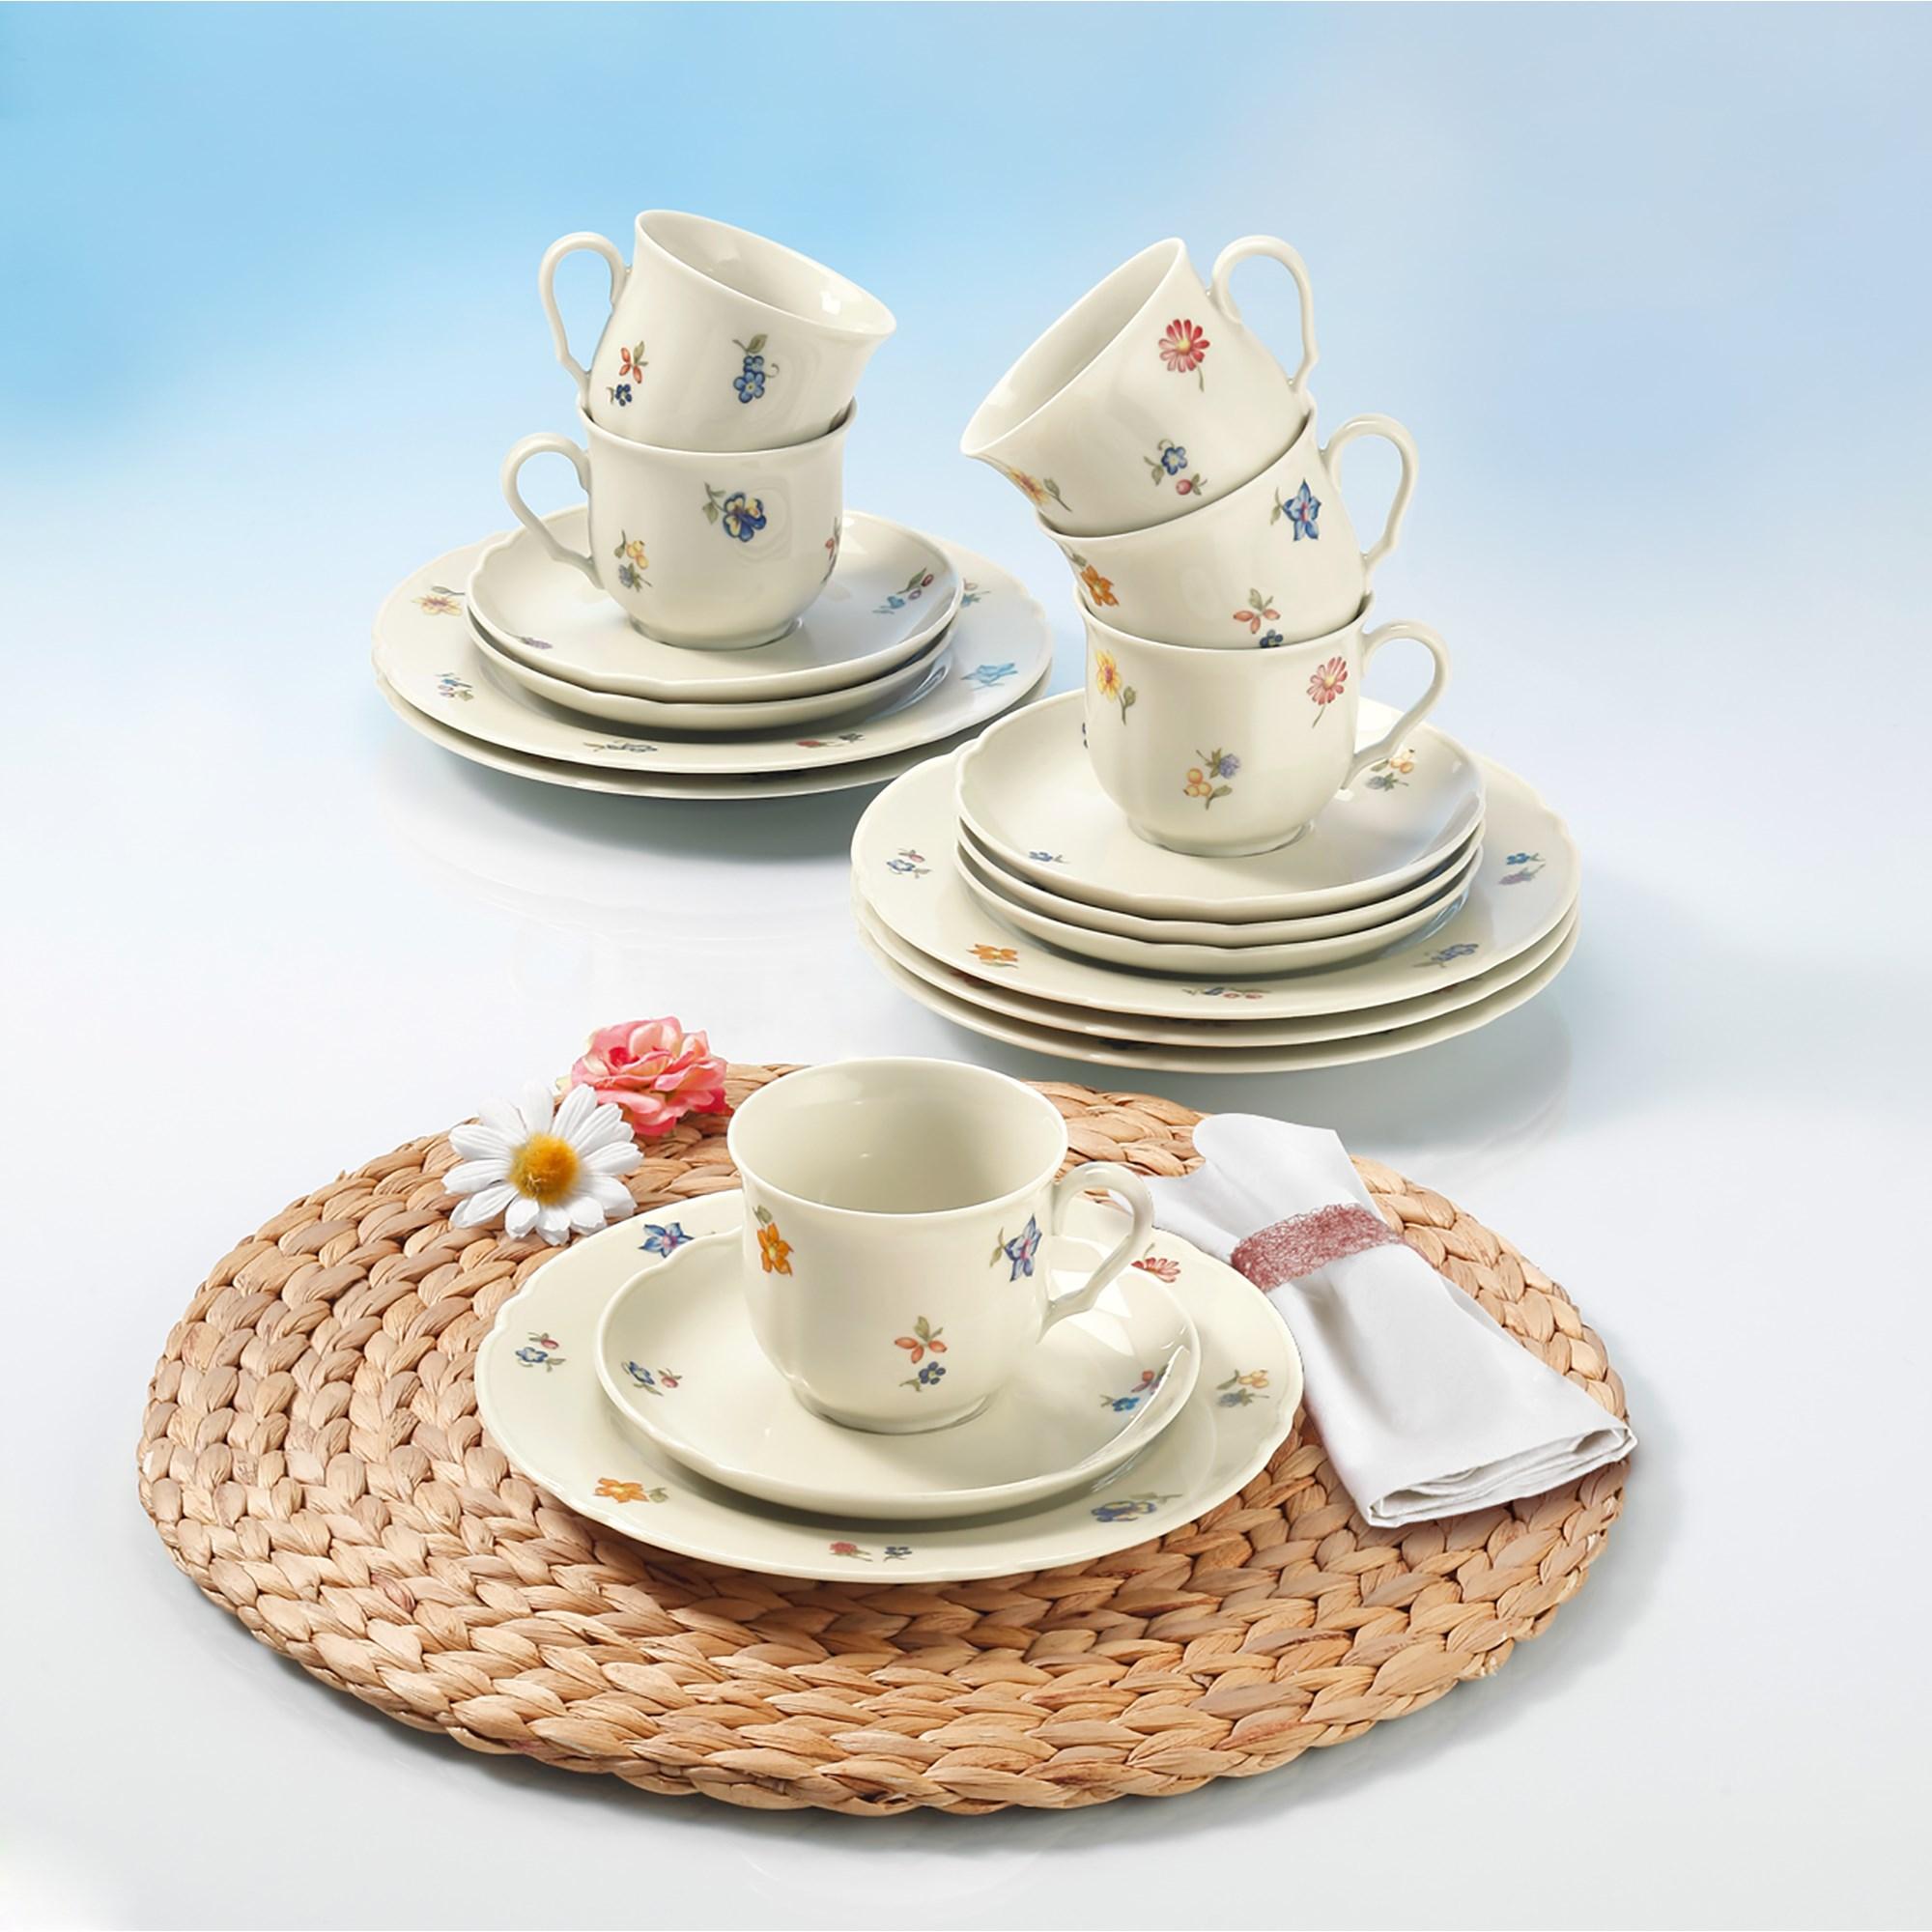 seltmann weiden marie luise elfenbein 44714 kaffeeservice 18 teilig ebay. Black Bedroom Furniture Sets. Home Design Ideas